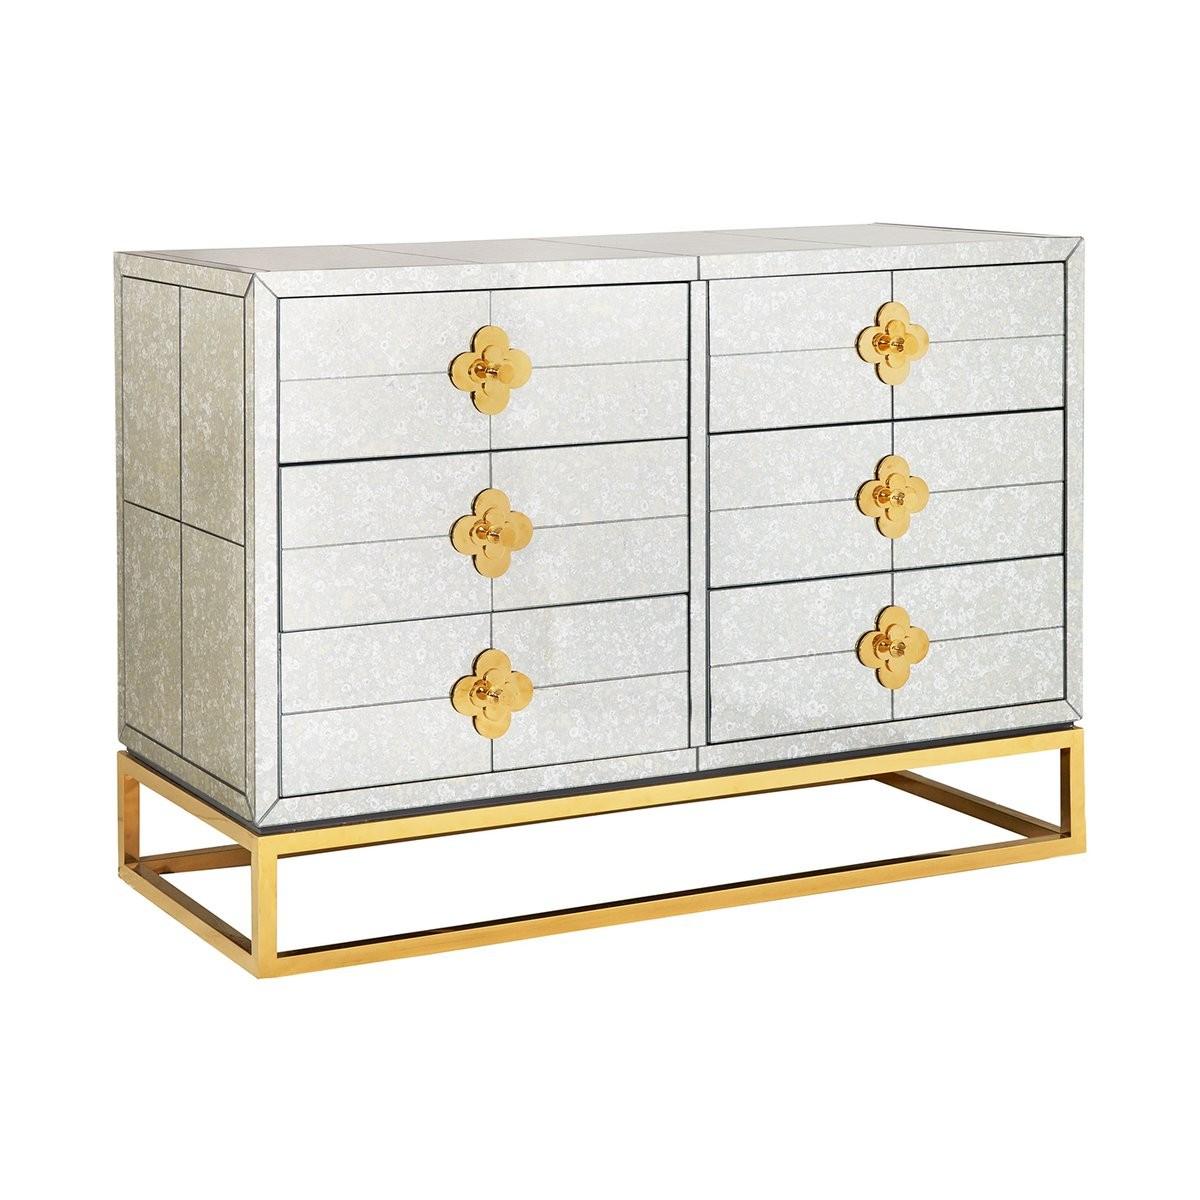 Jonathan Adler I Delphine Six Drawer Dresser